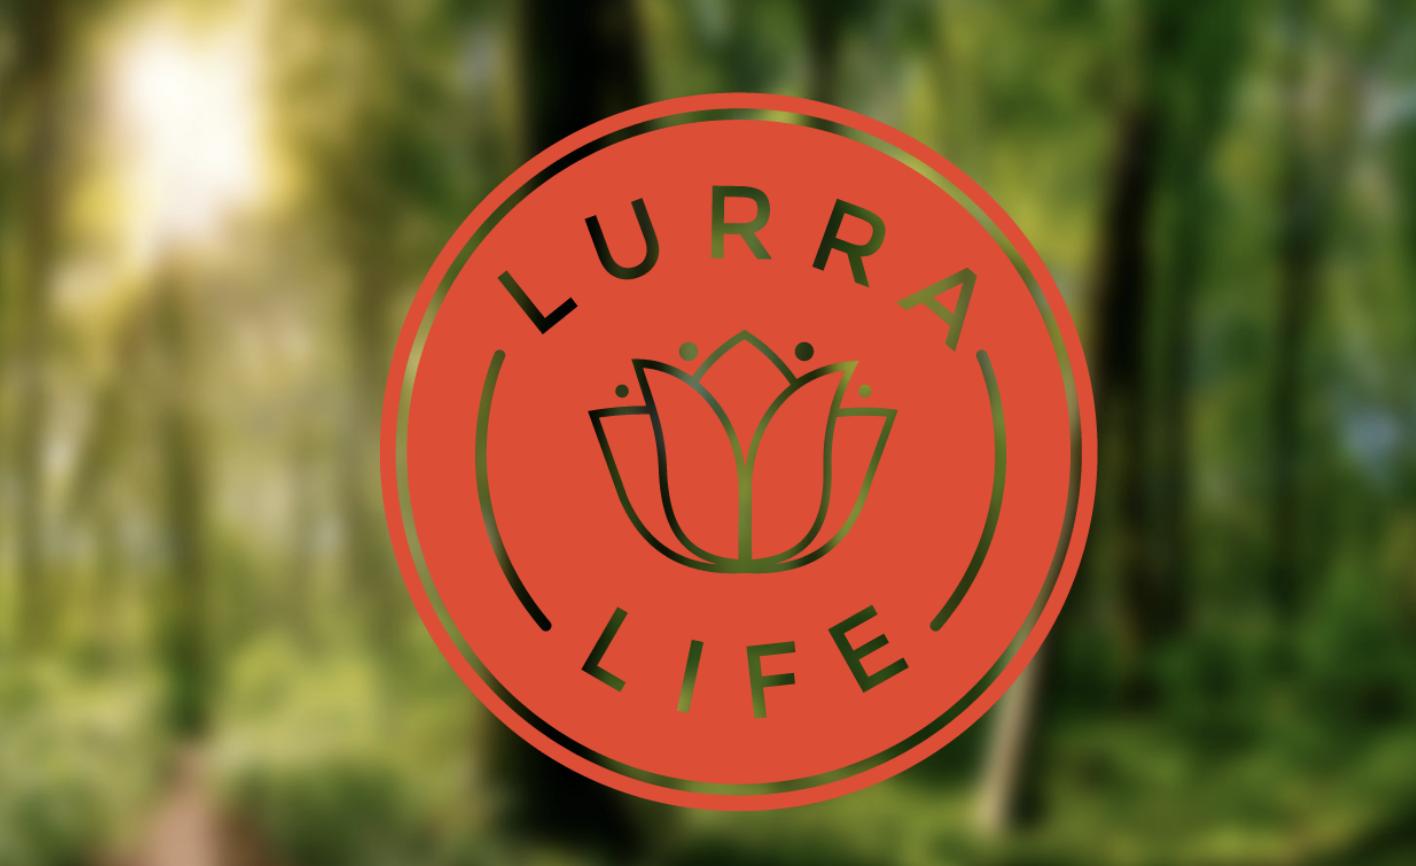 lurralife-cardio-nutrition